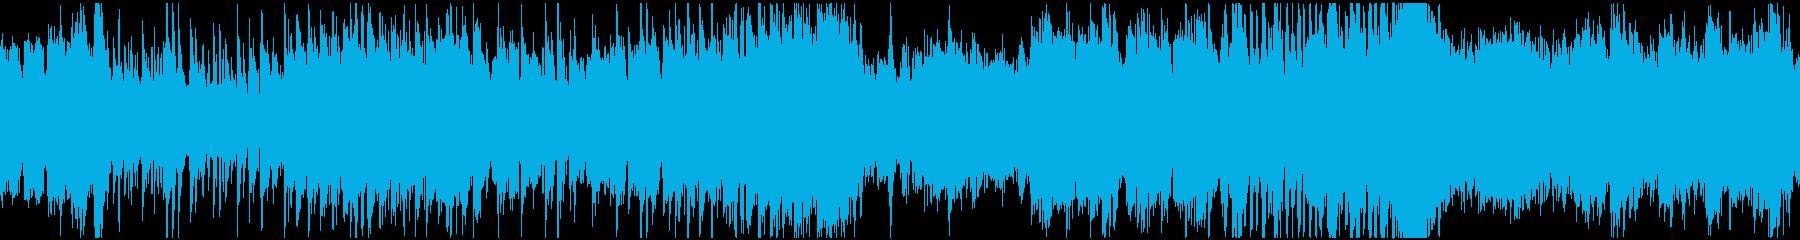 コミカルなハロウィン曲(ループ)の再生済みの波形